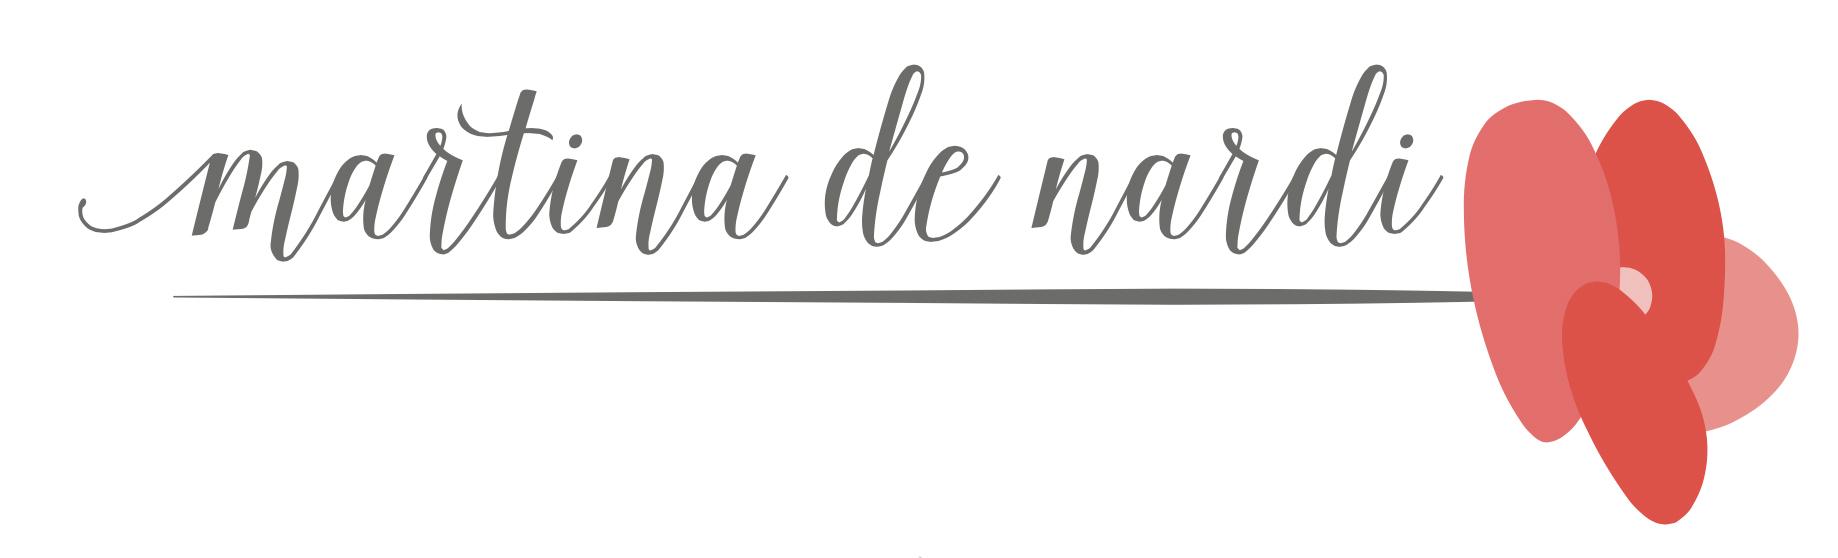 Martina Denardi